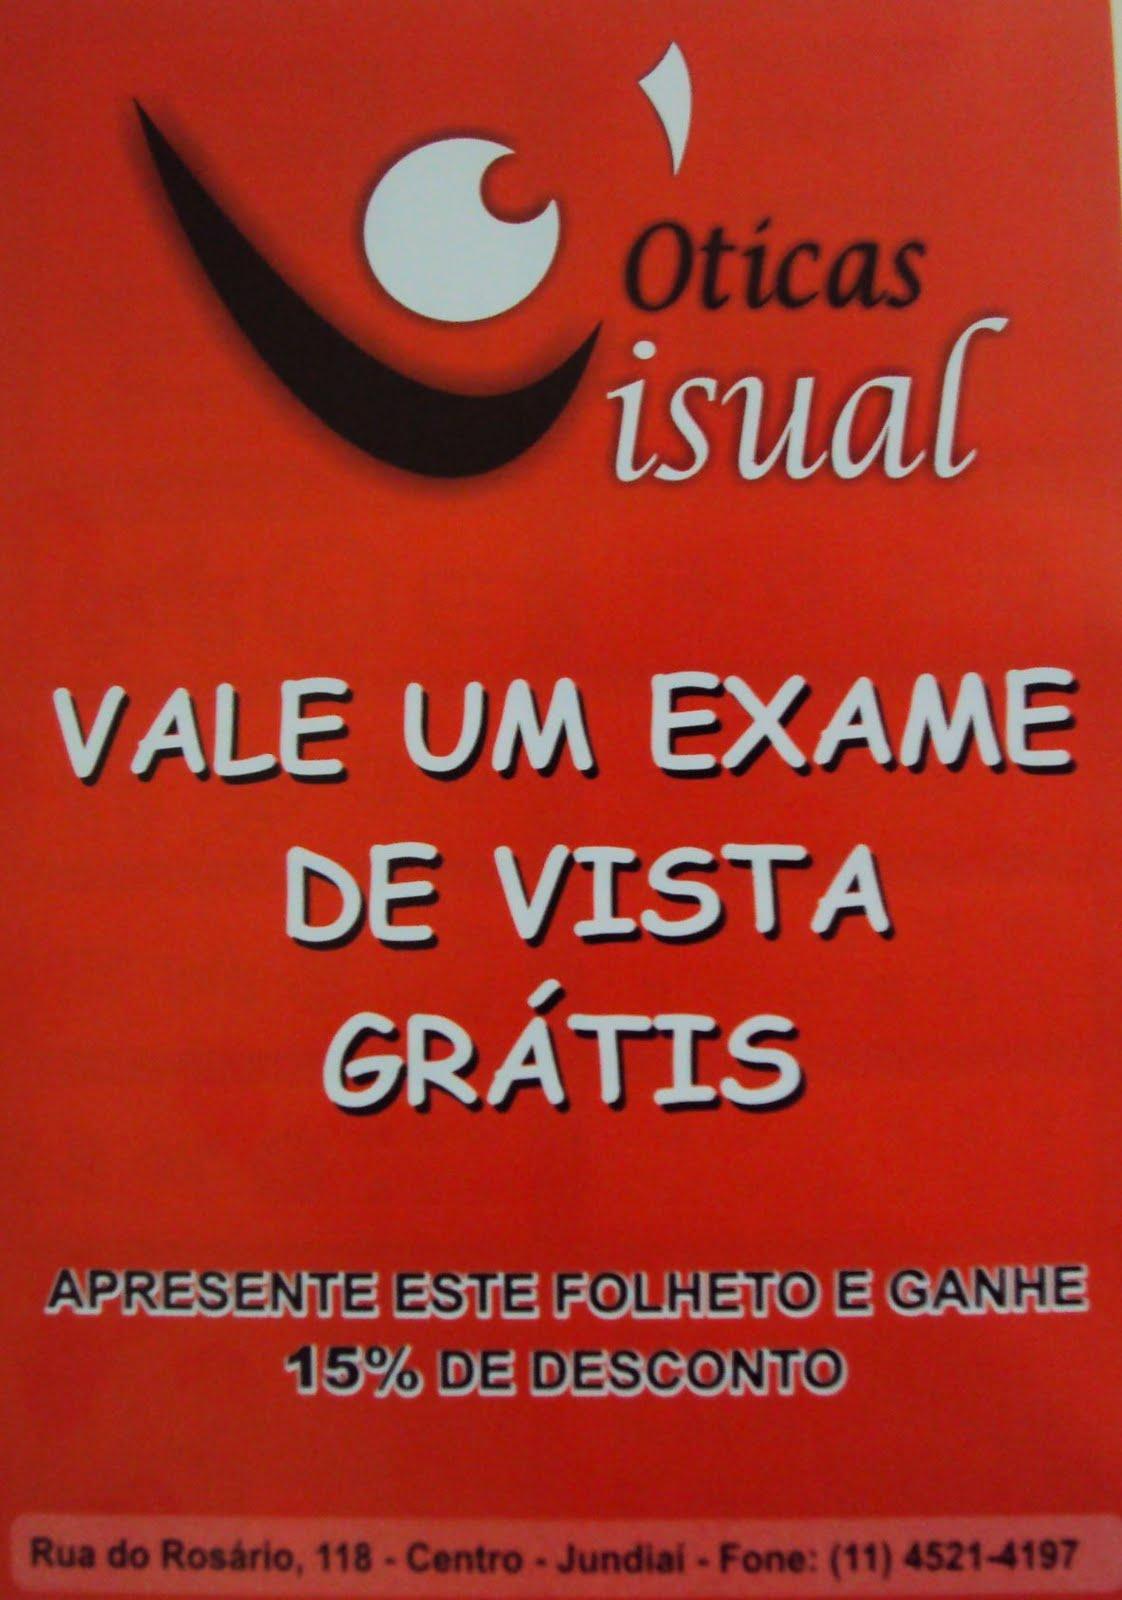 094f9ecc6f895 Oticas com exame de vista gratis - Teste visual ilegal e venda ...